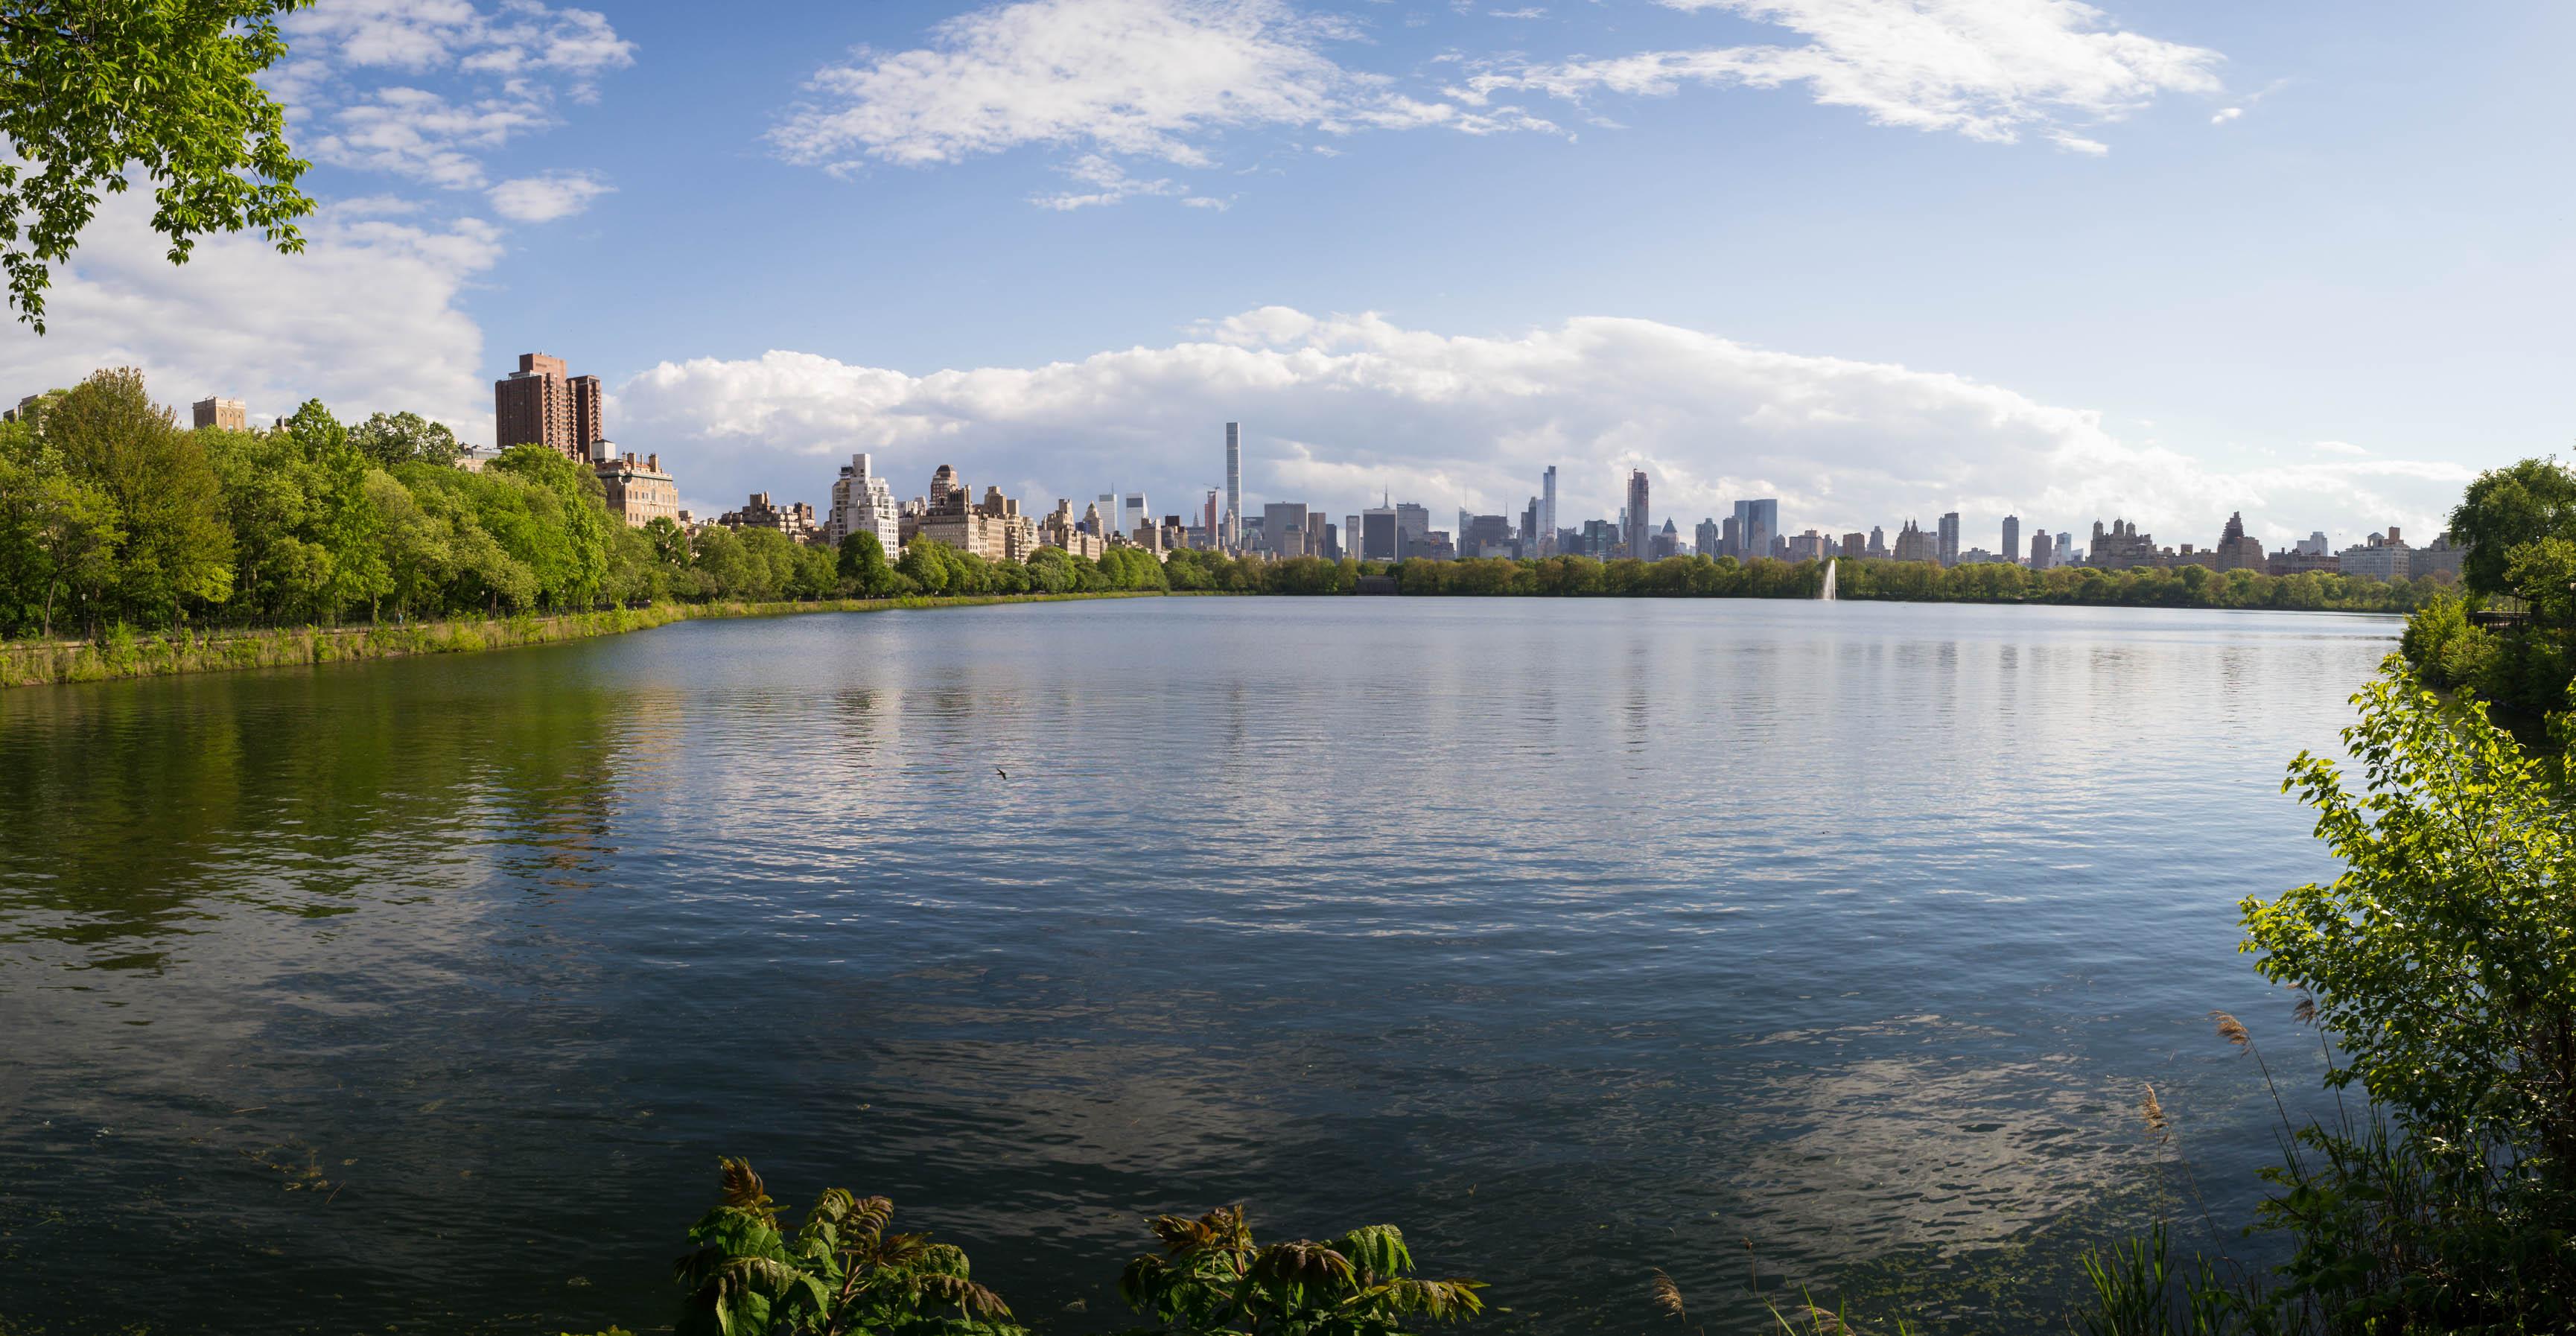 Le Reservoir à Central Park